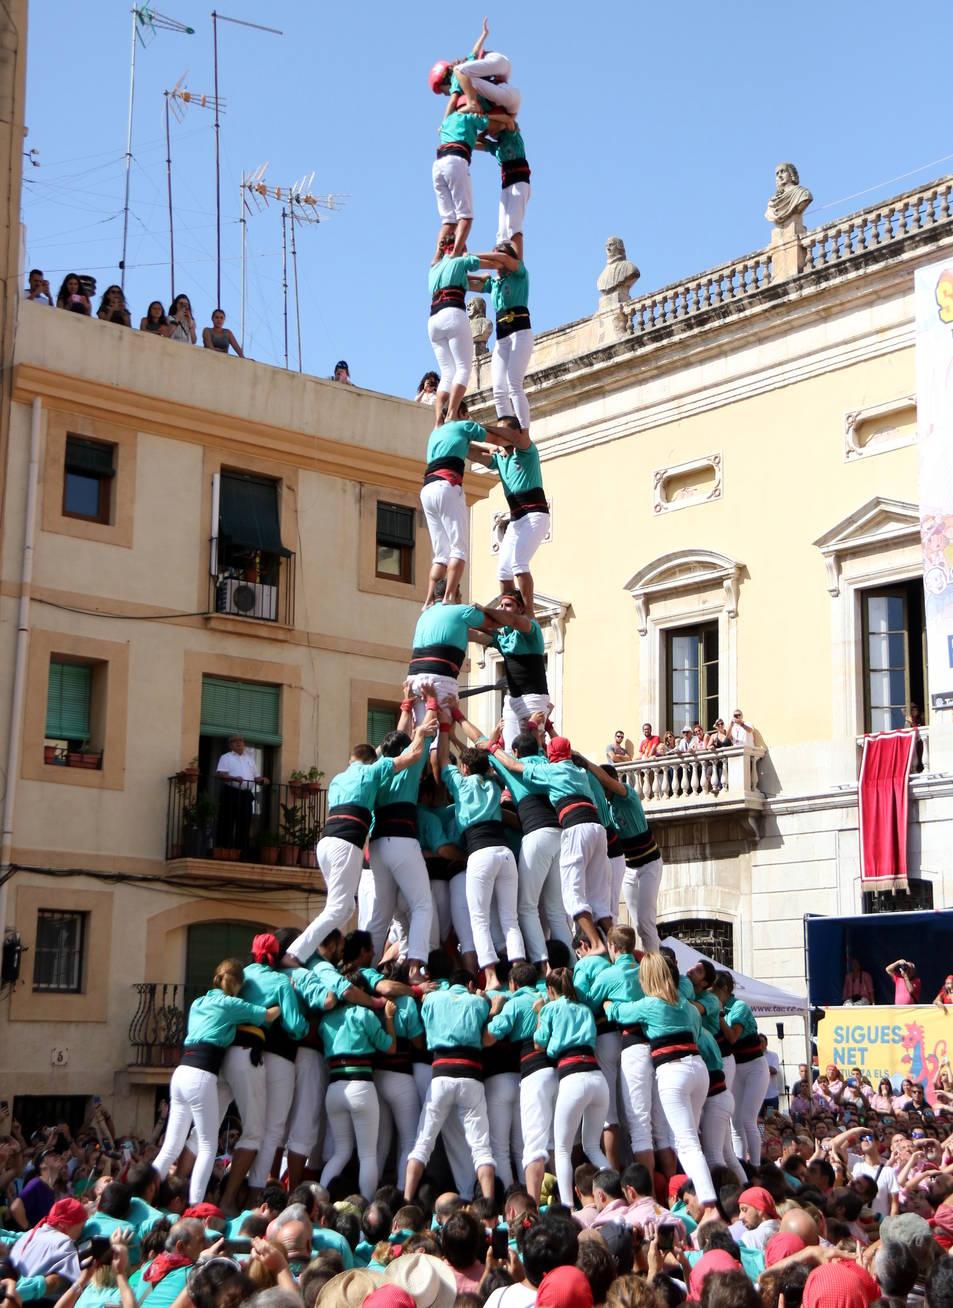 Imatge del 2d9 amb folre i manilles dels Castellers de Vilafranca a la diada de Santa Tecla, el 15 de setembre del 2019